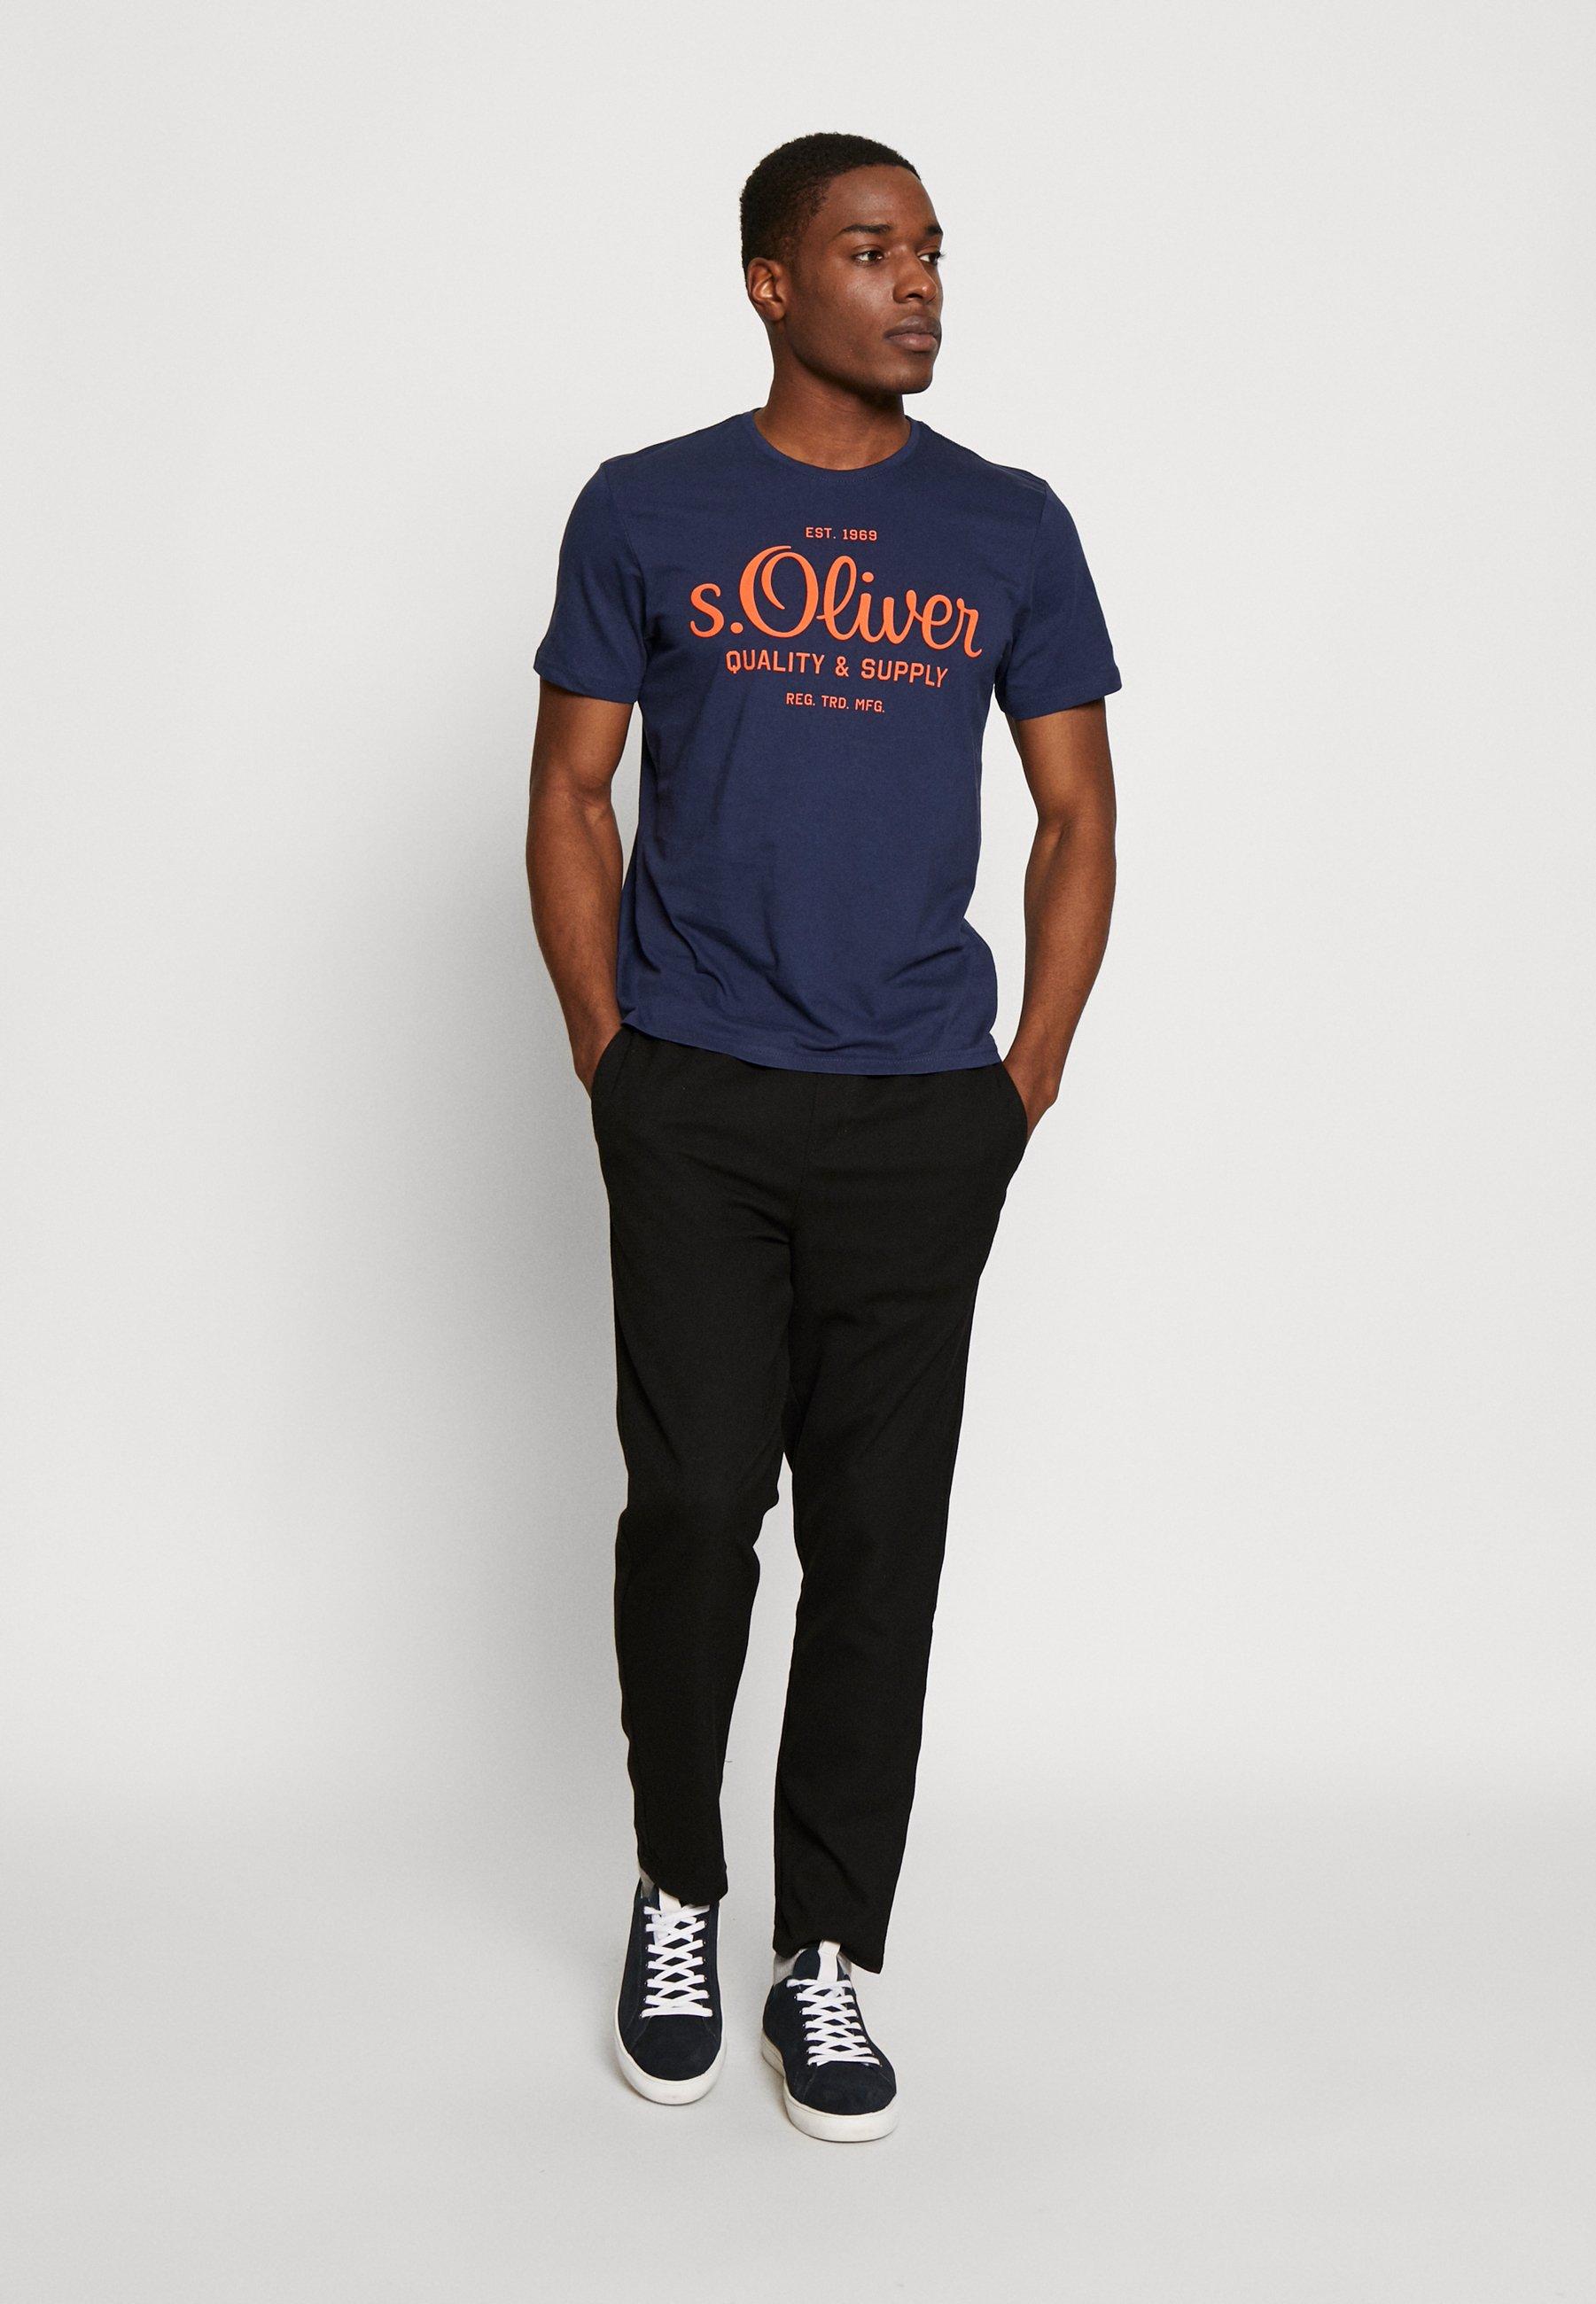 s.Oliver T-shirt z nadrukiem - blue